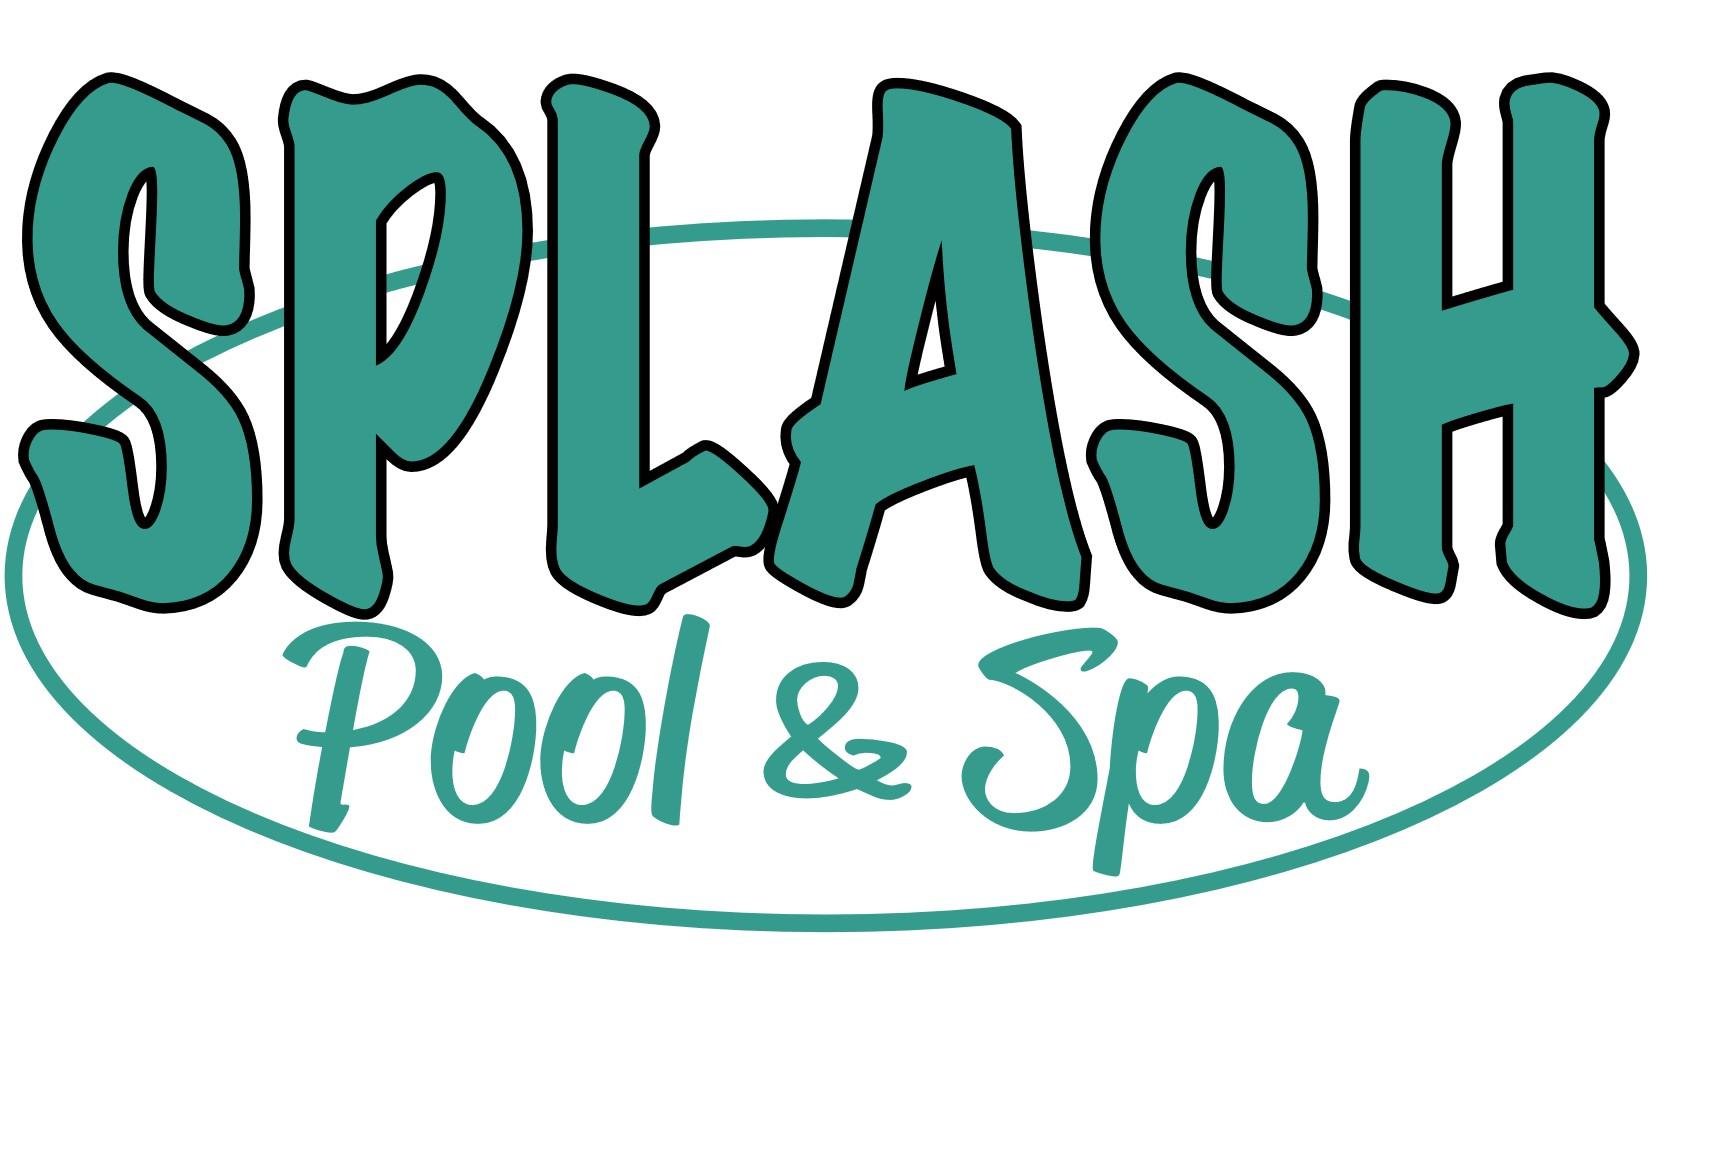 Splash Pool & Spa